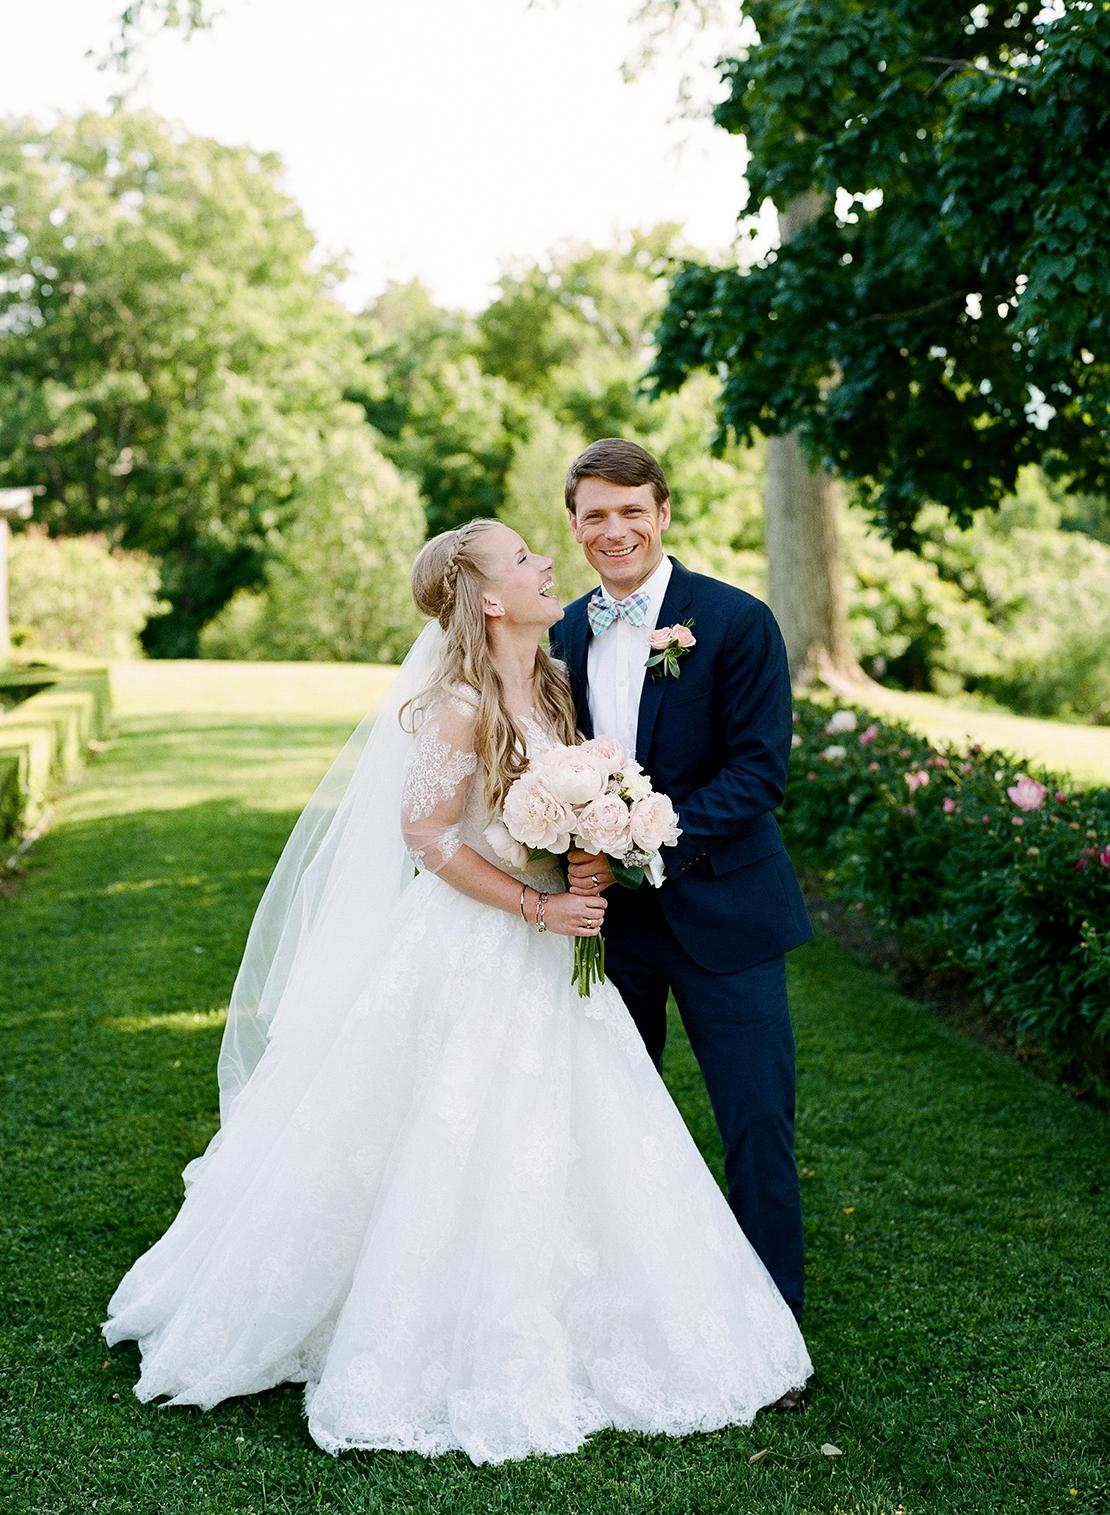 18_Hildene_Manchester_vermont_wedding_monique_lhuilier_gown